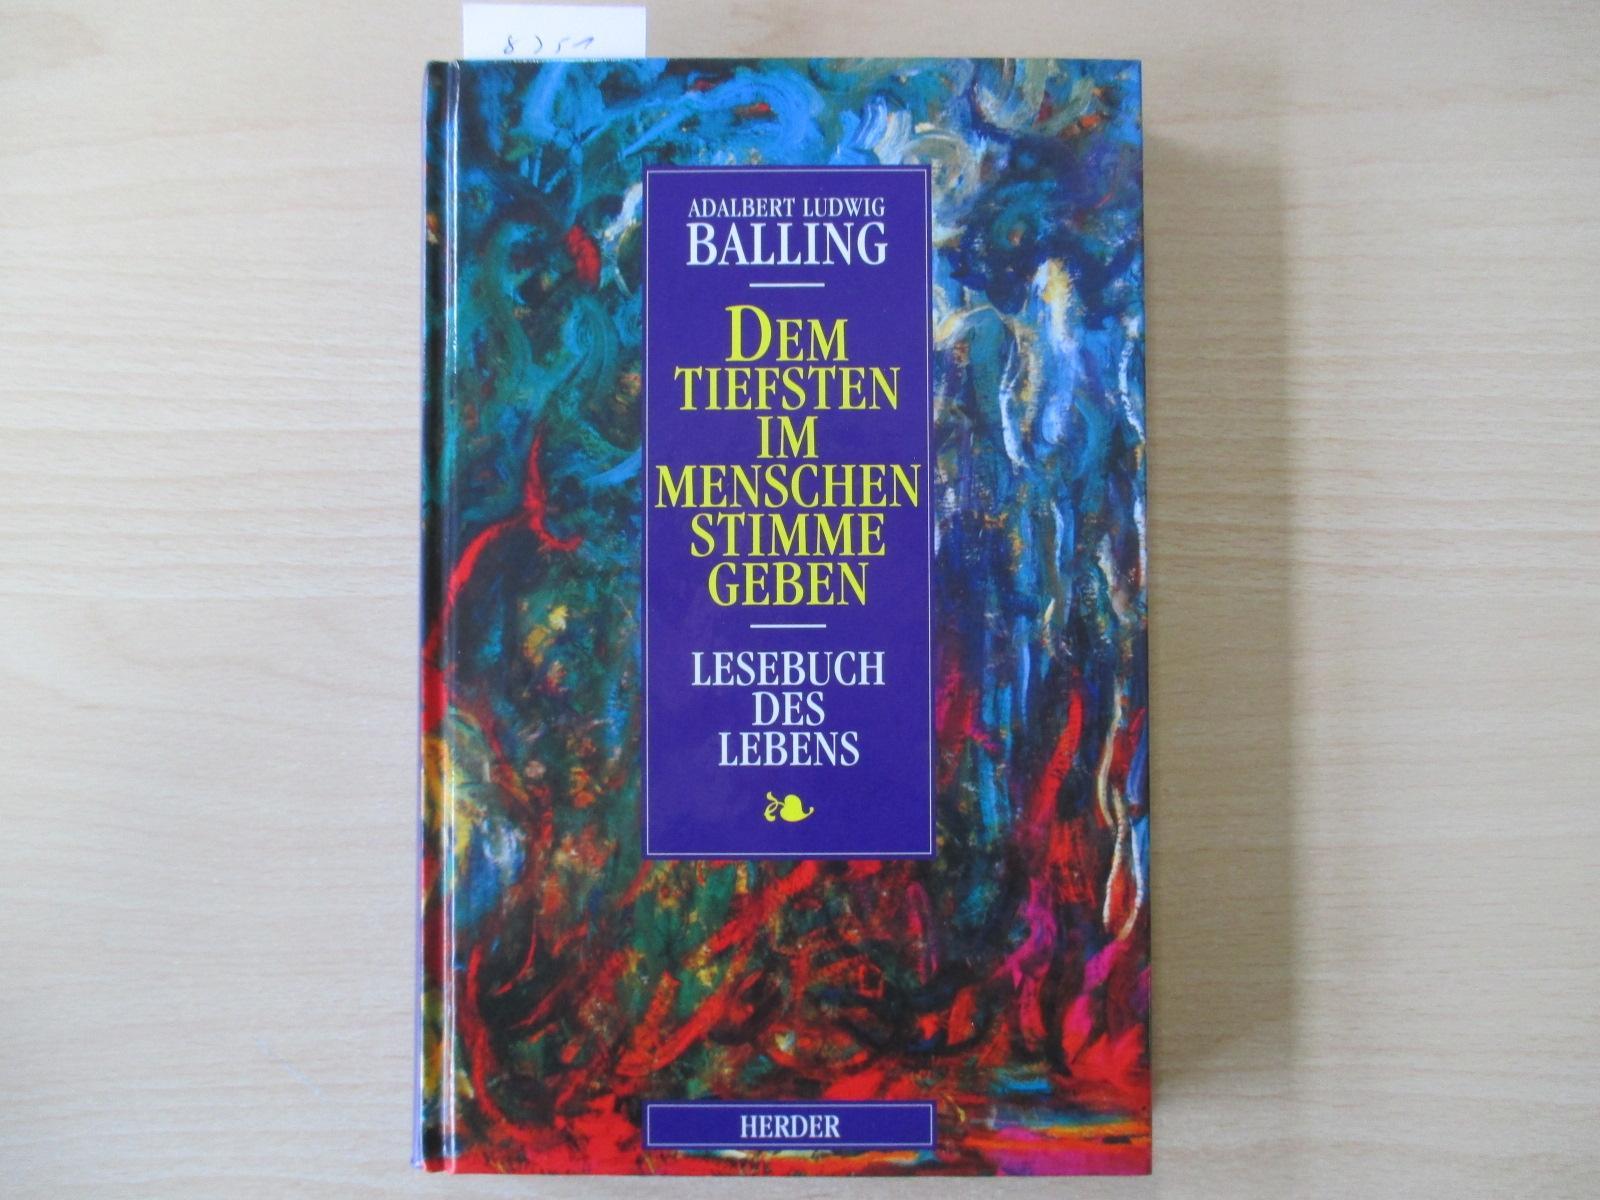 Dem tiefsten im Menschen Stimme geben Lesebuch: Balling, Adalbert Ludwig